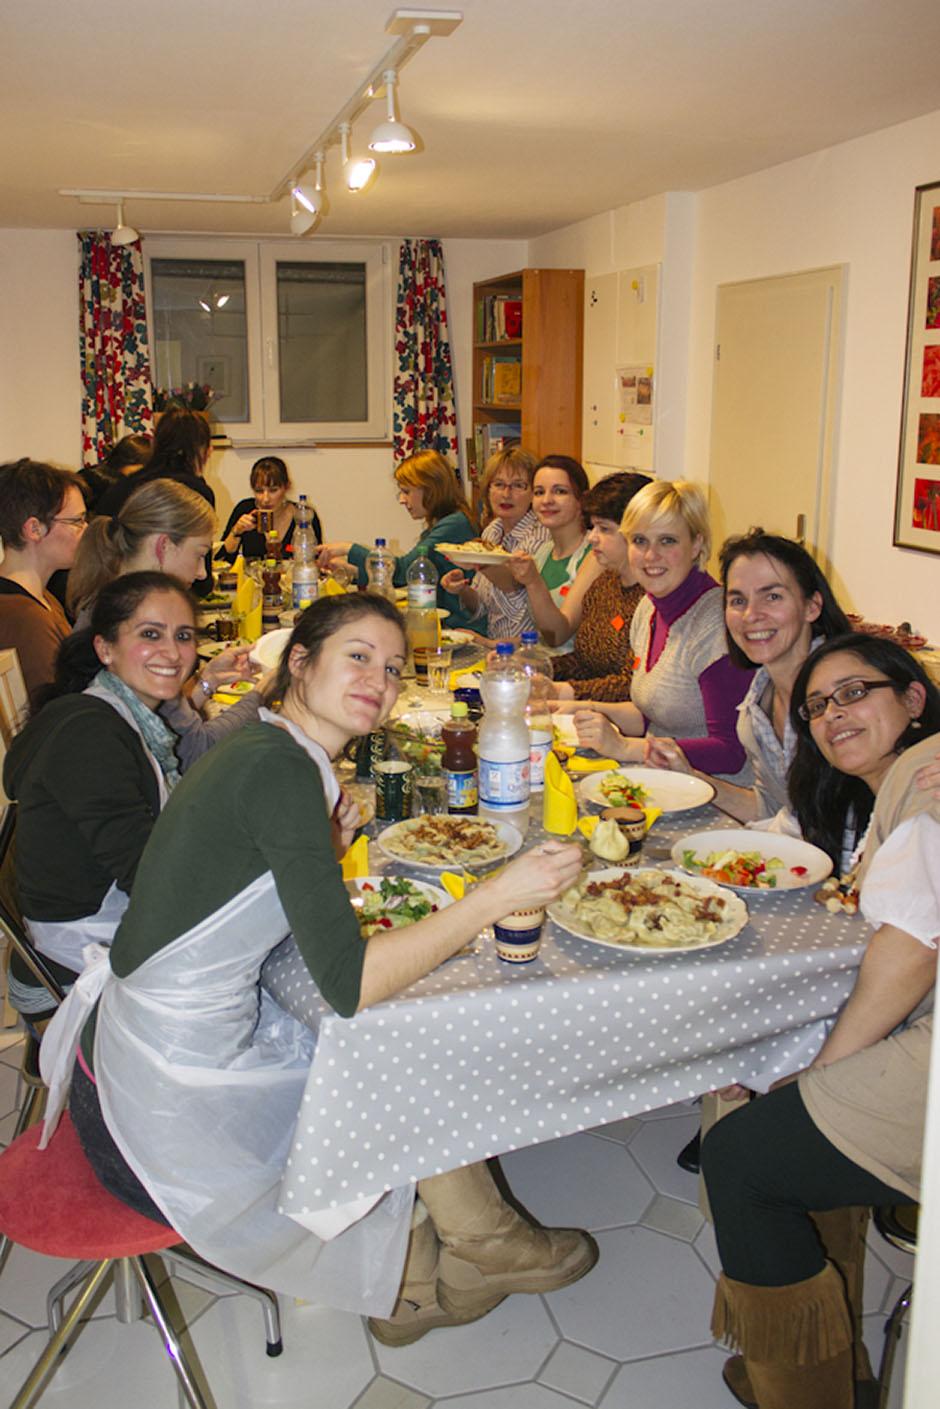 Rachel Walker. International Cooking Evening - Poland. 05